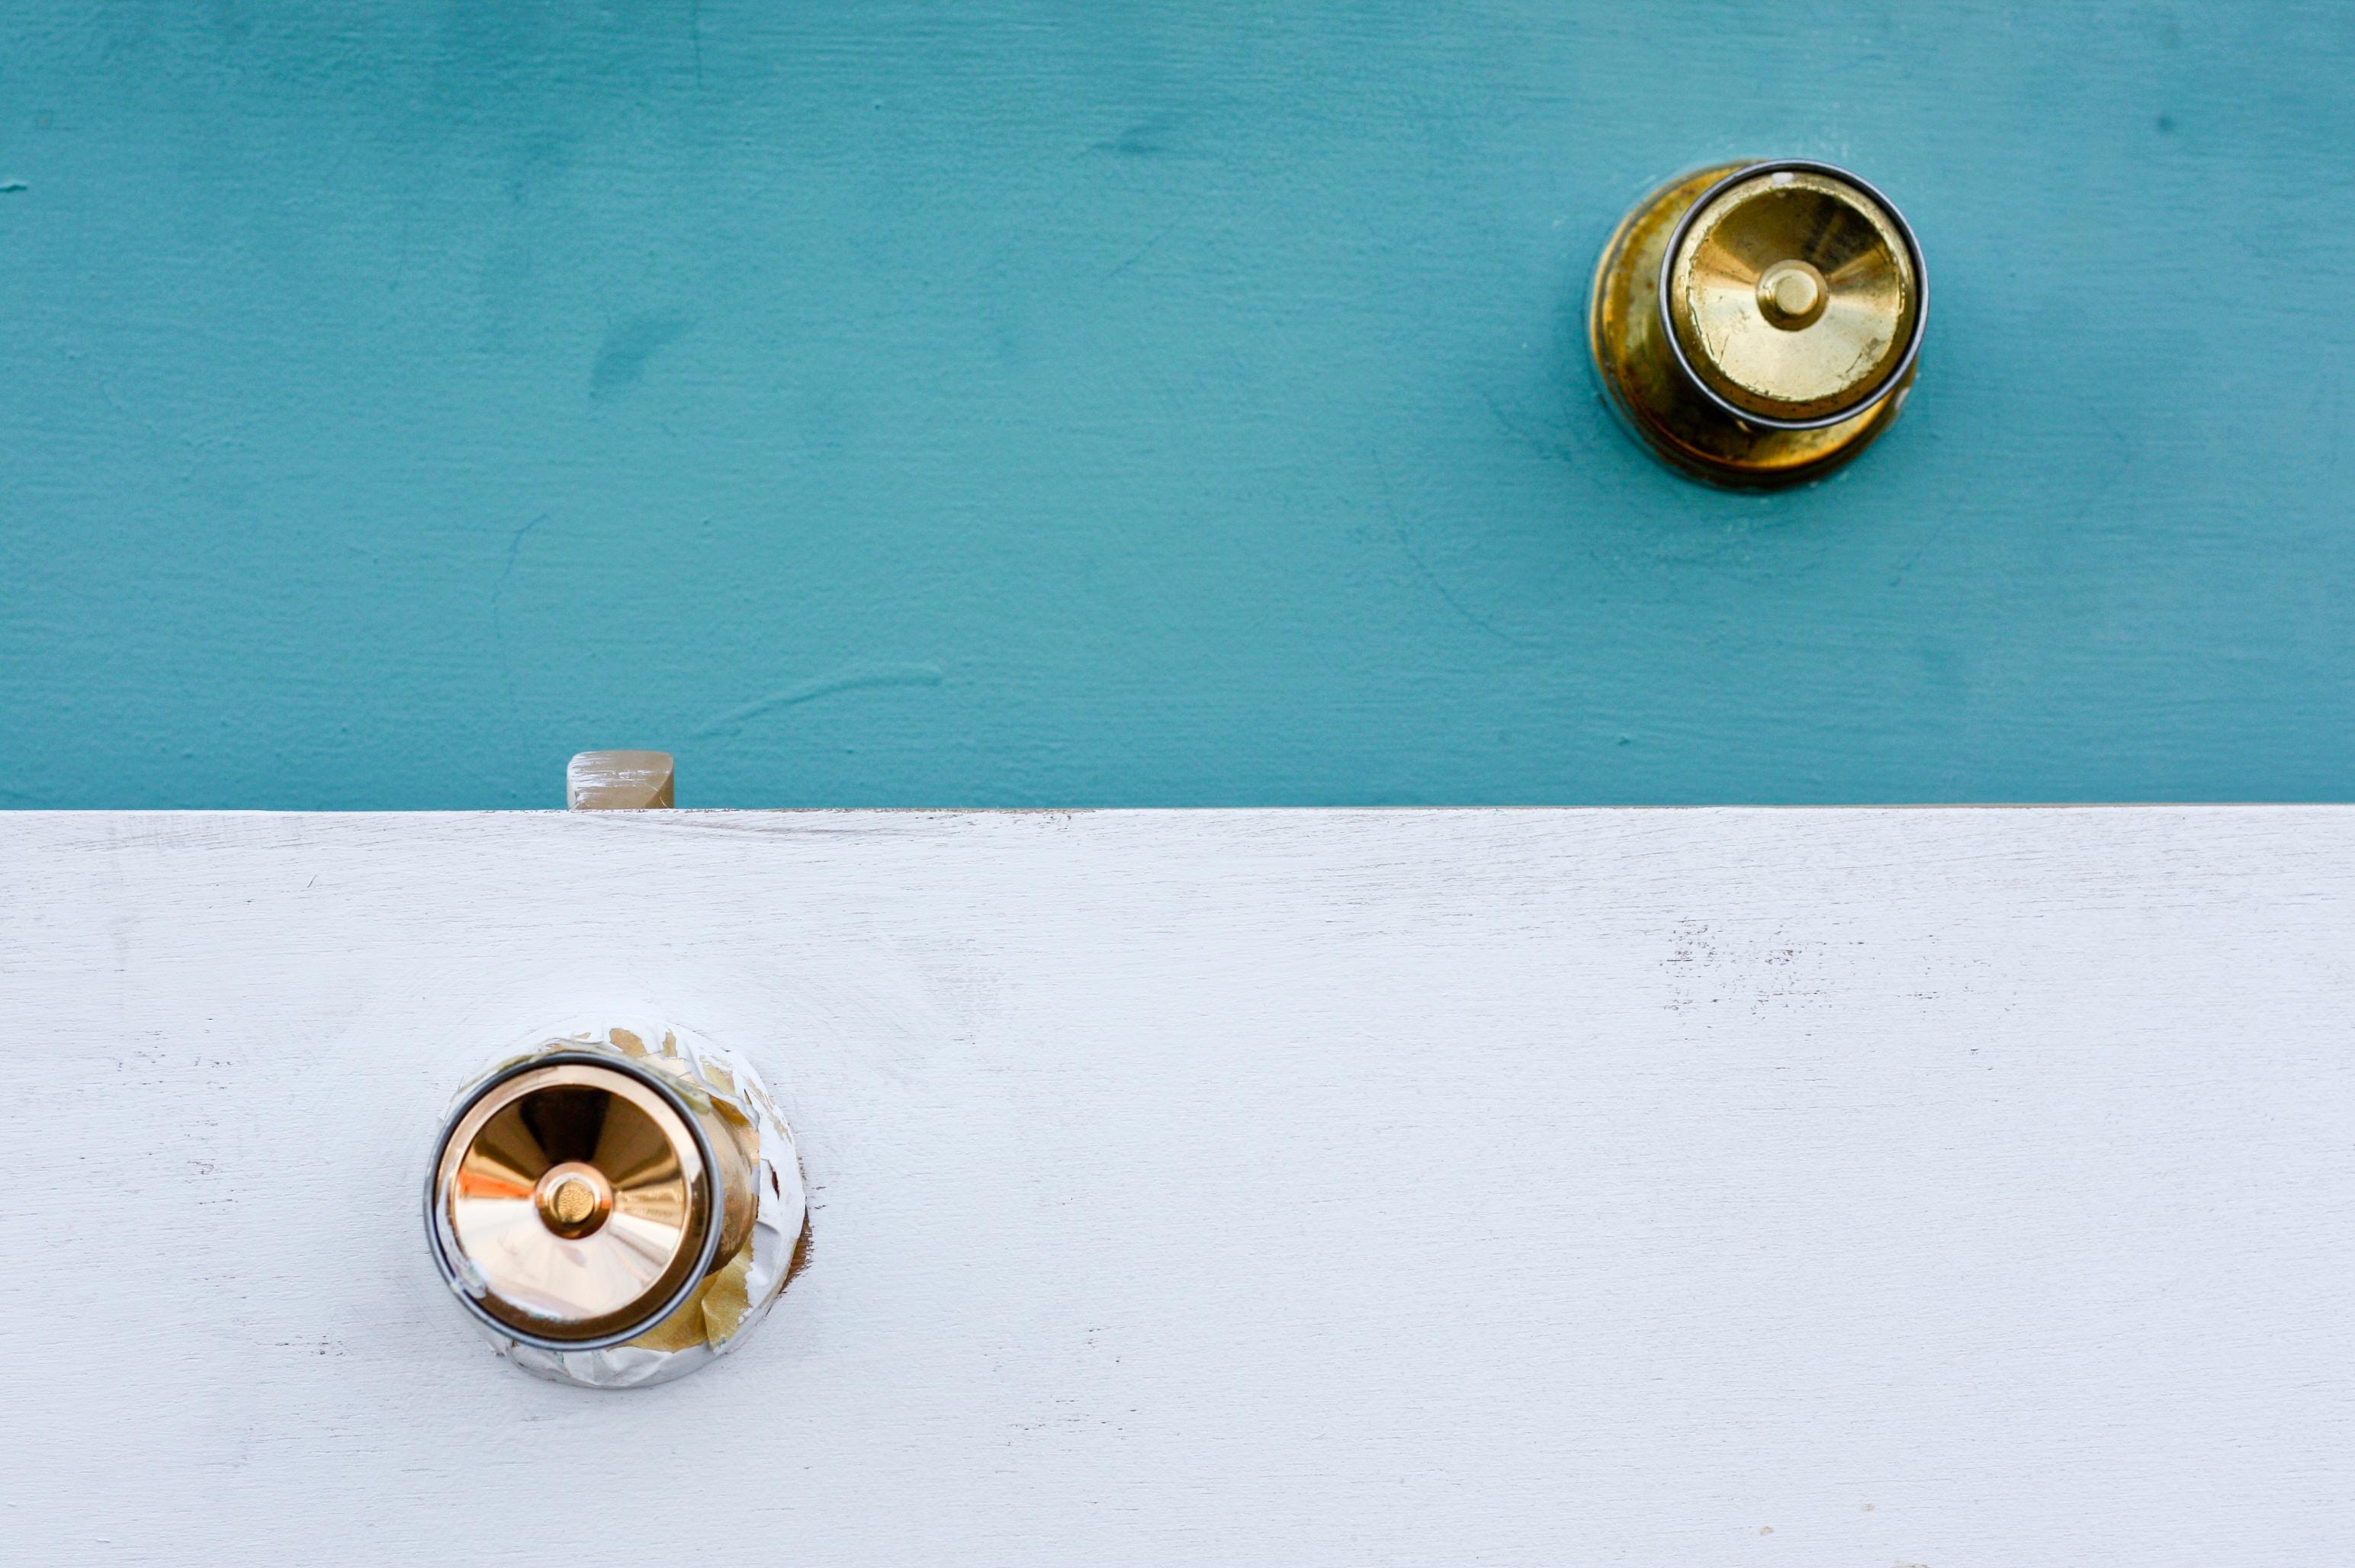 gold door knob